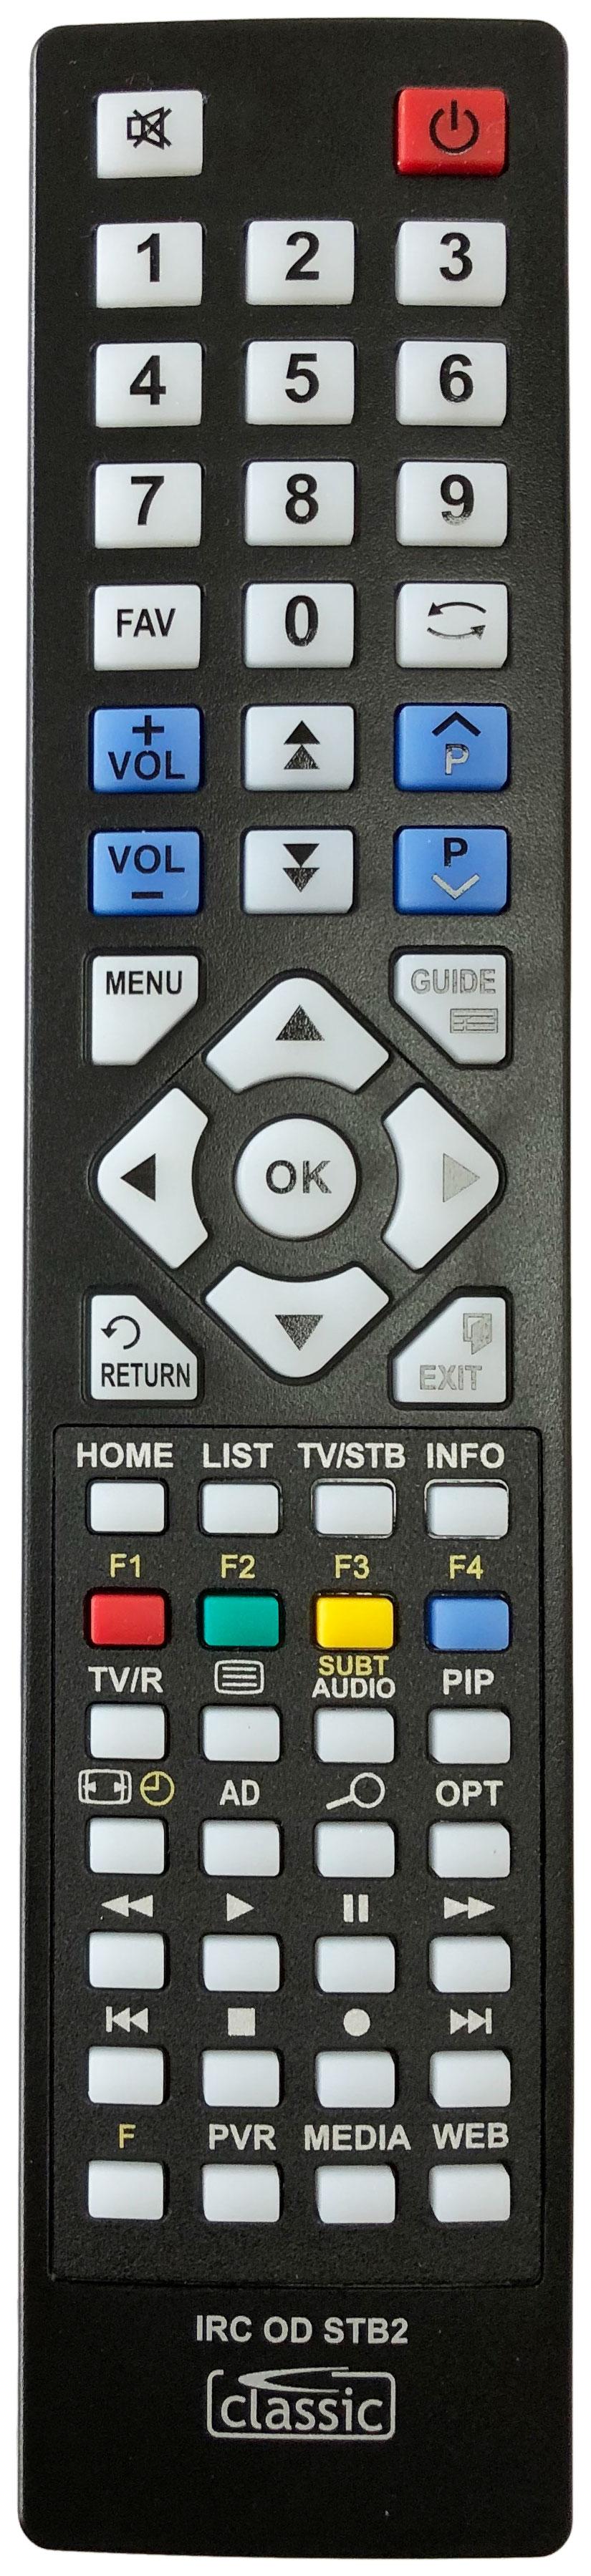 LUXOR LUX-TUTV-500GB Remote Control Alternative